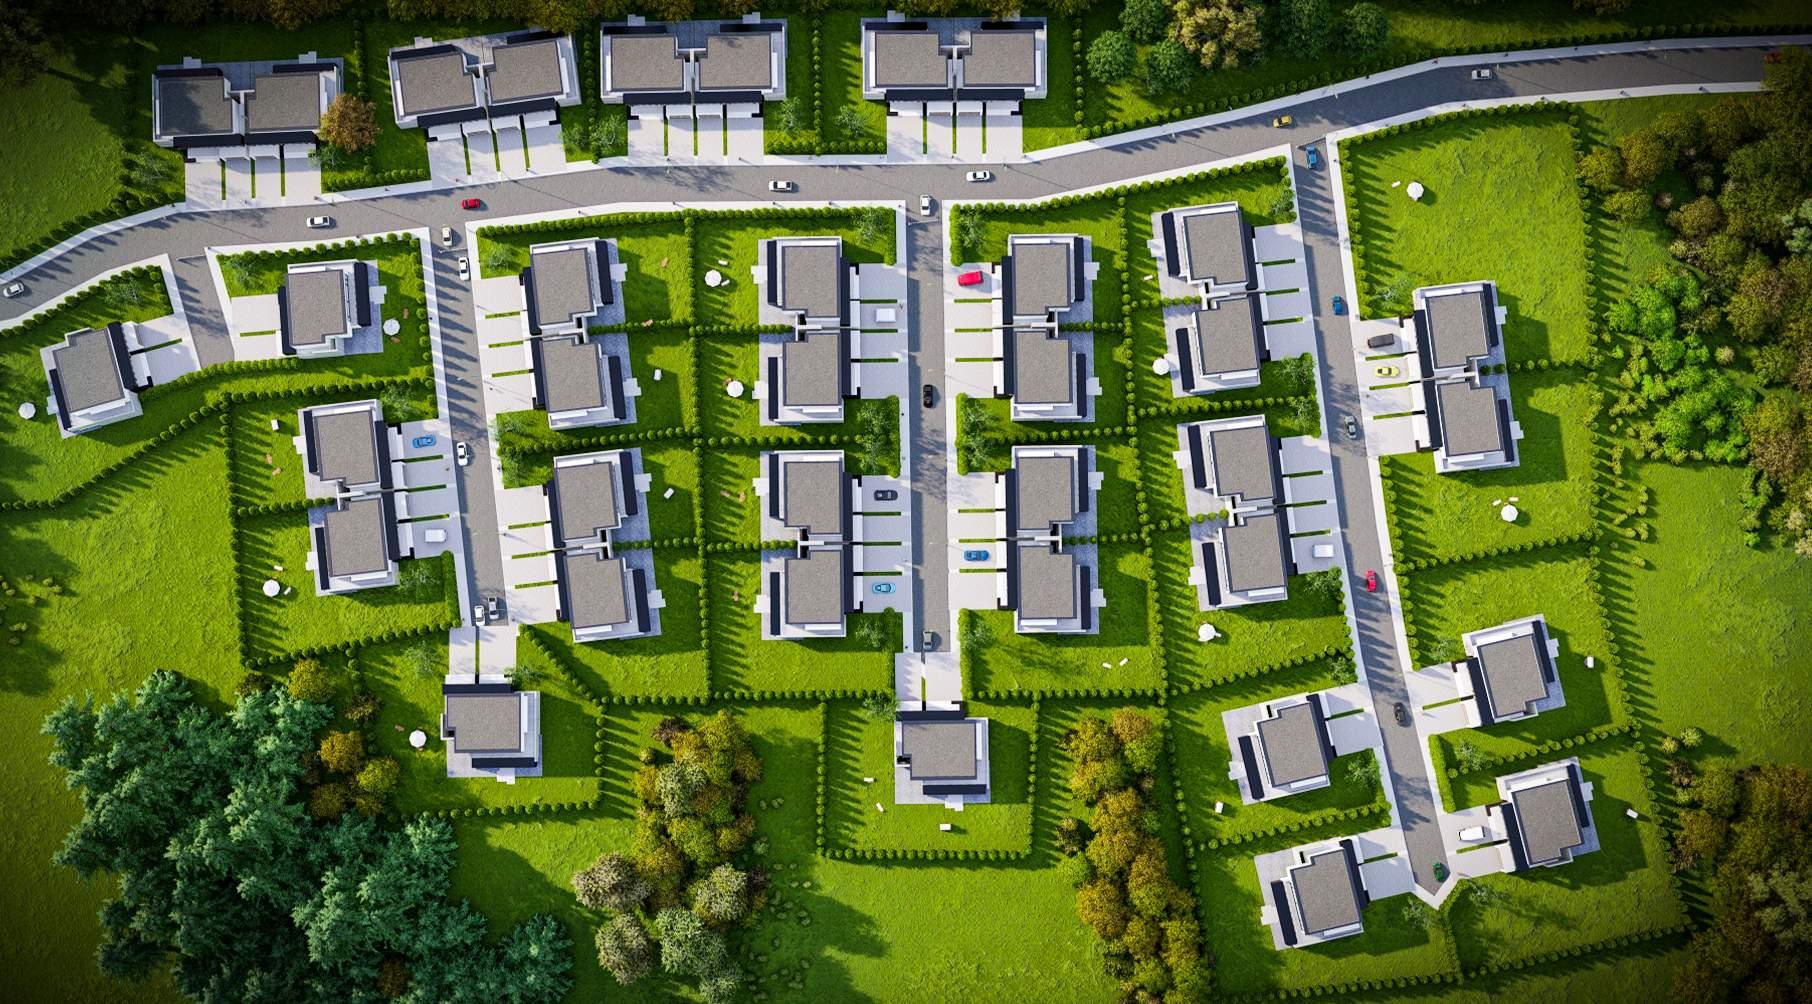 interaktywna mapa osiedla domów jednorodzinnych do strony internetowej www